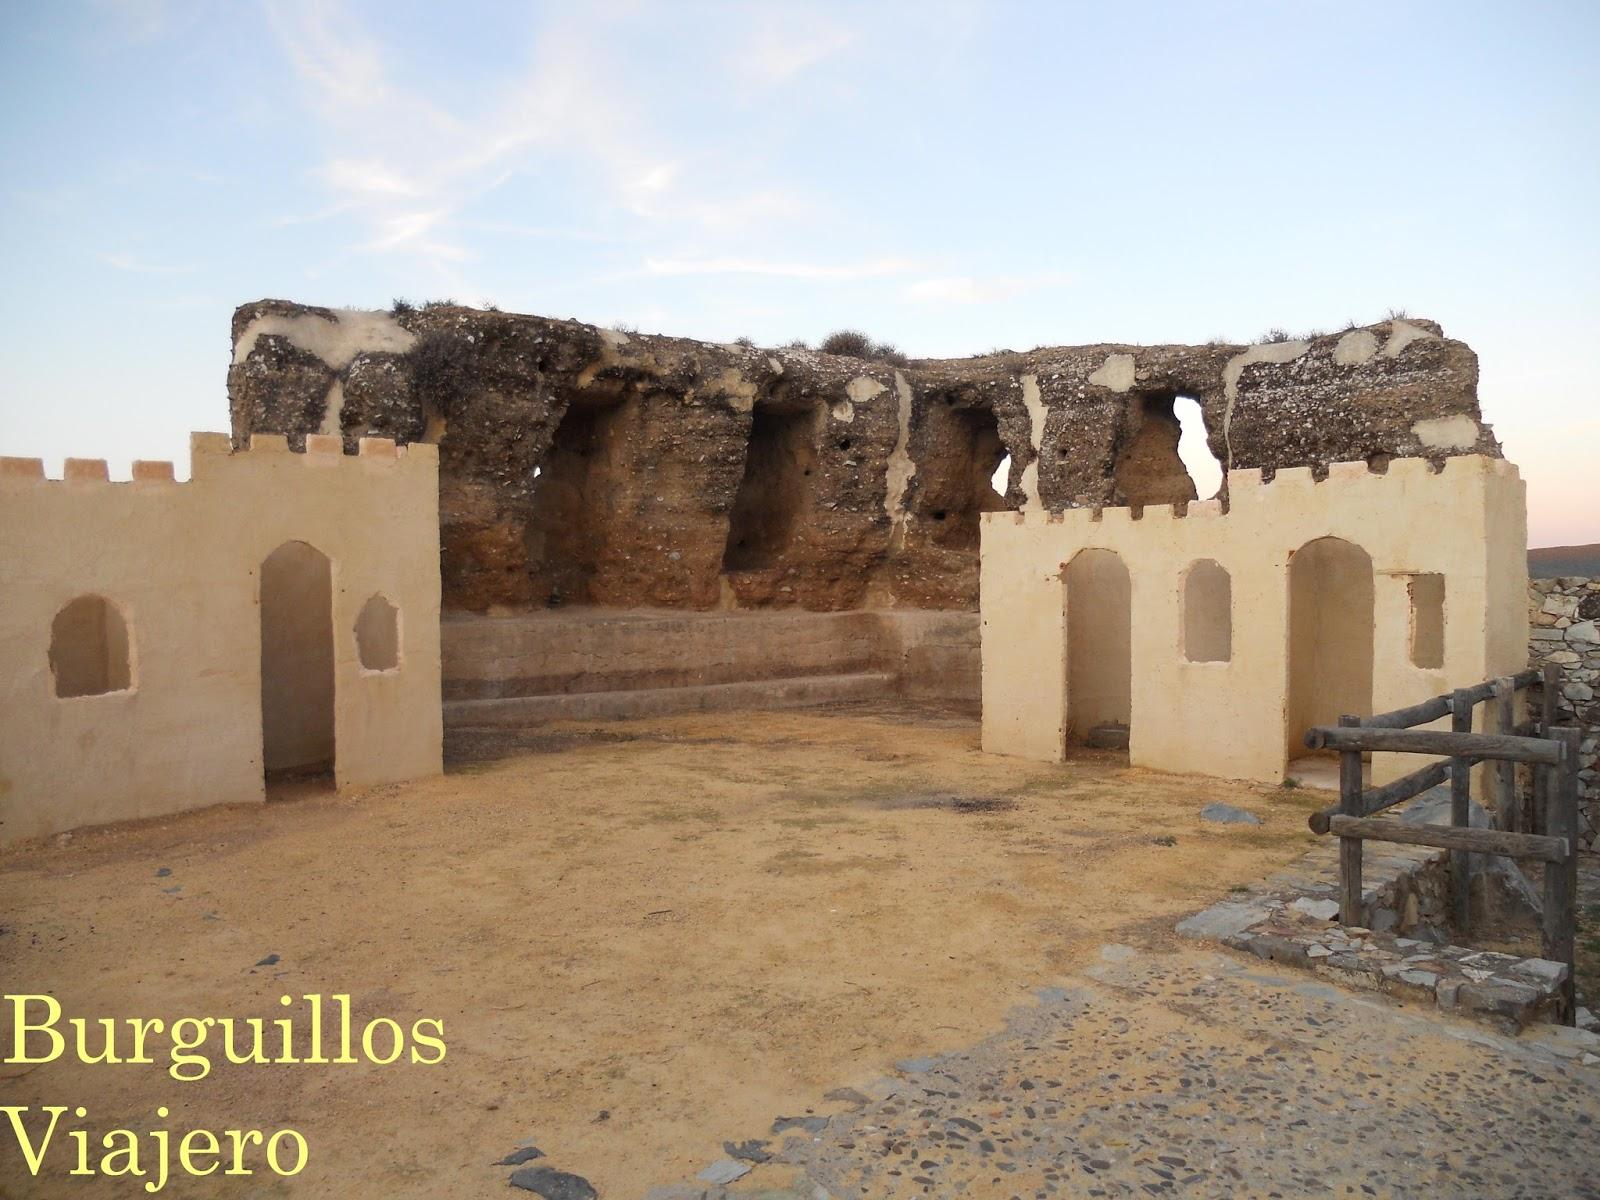 Burguillos viajero ii 1281 el castillo de las guardas i - Entradas baratas castillo de las guardas ...